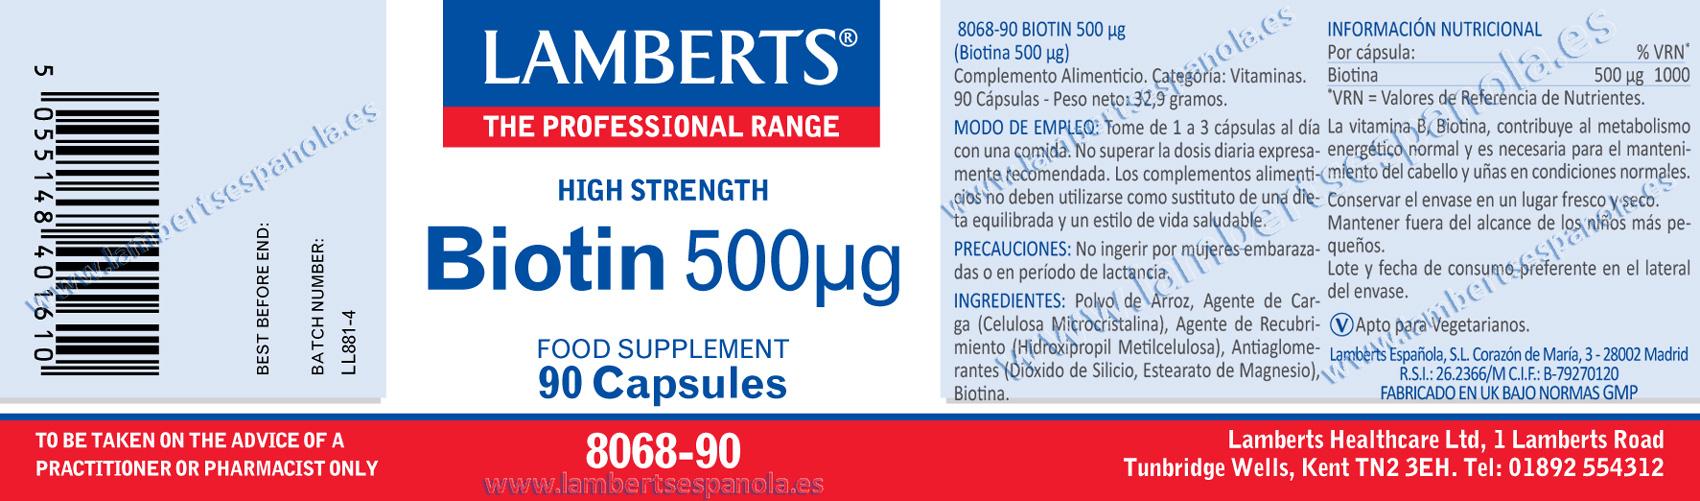 Etiqueta de Biotina lamberts